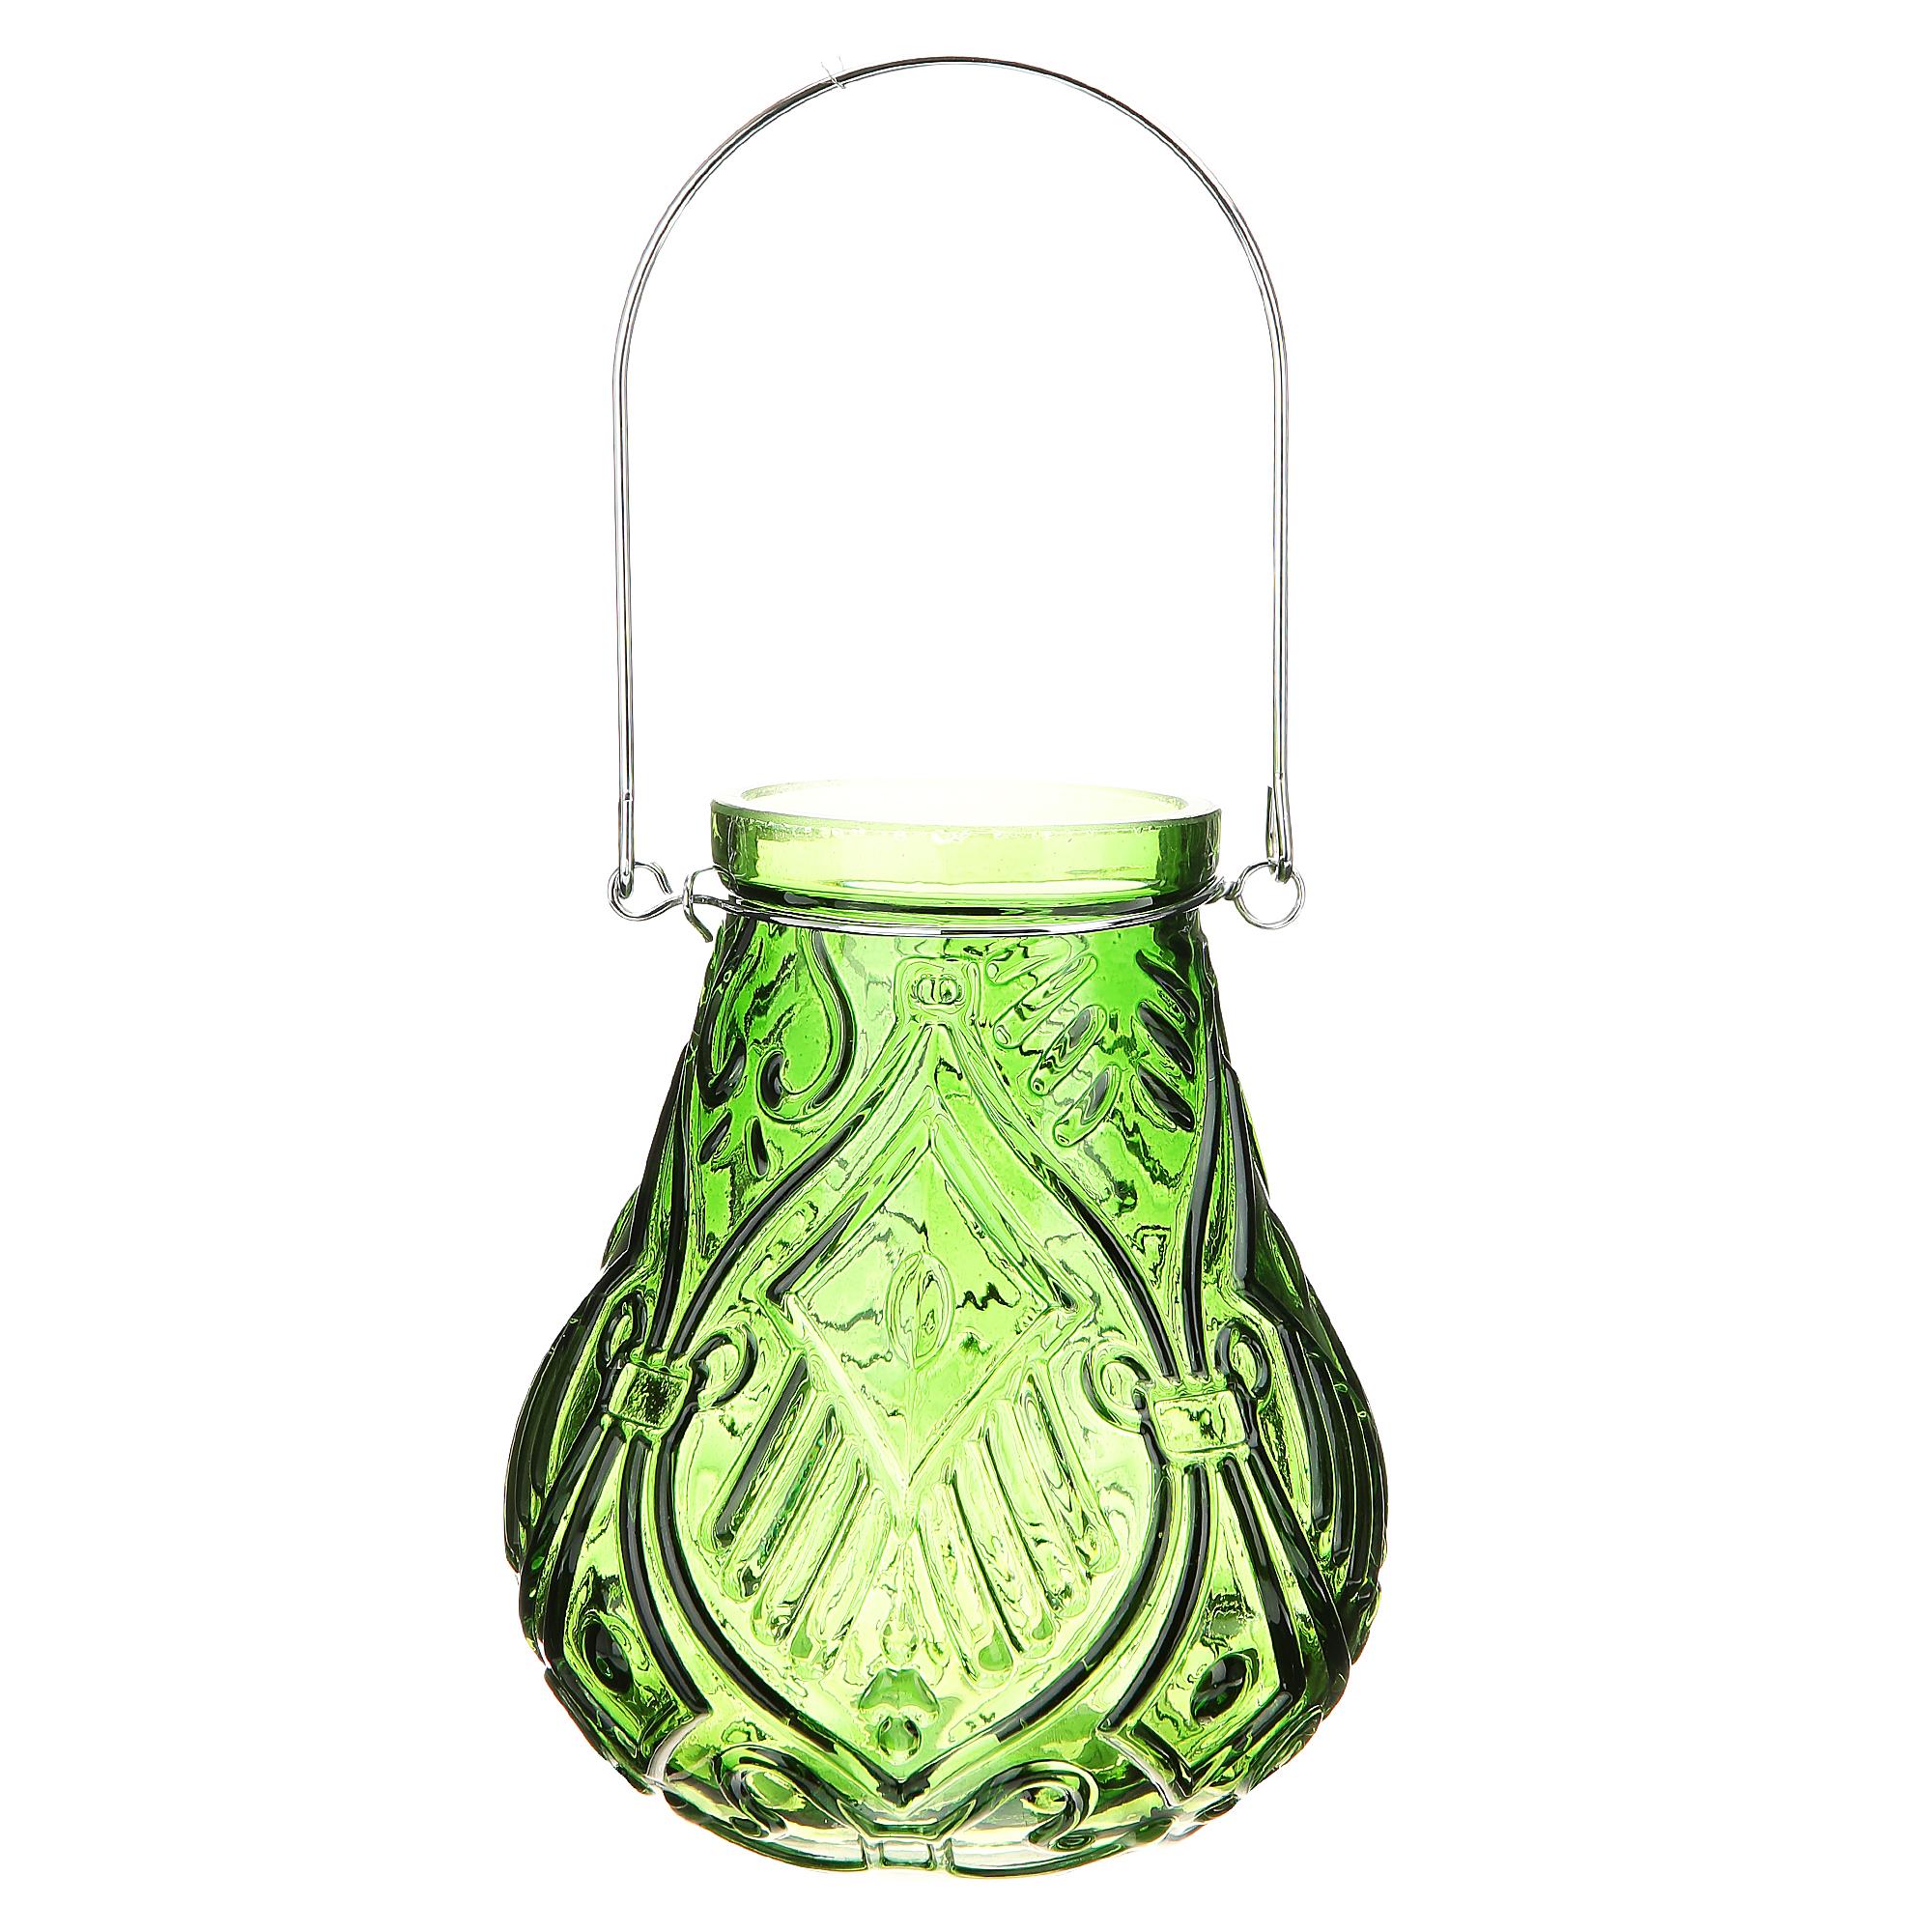 Фото - Подсвечник Boltze Arvido зелёный 15 см подсвечник boltze biba серебряный 11 см